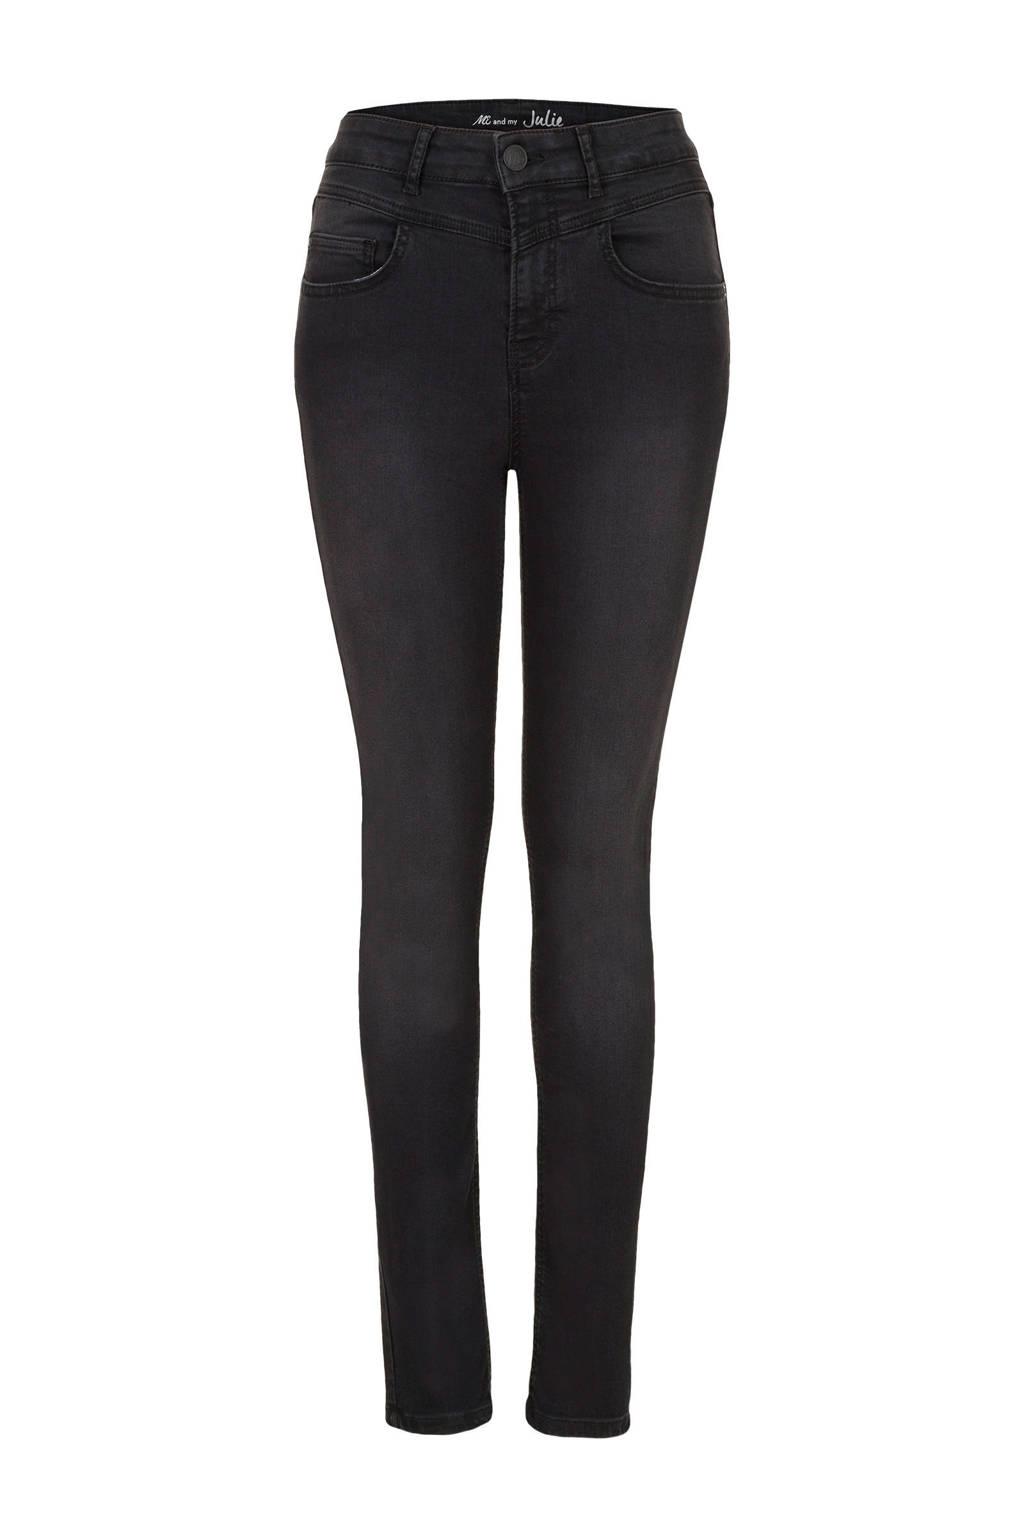 Miss Etam Regulier high waist skinny jeans zwart, Zwart